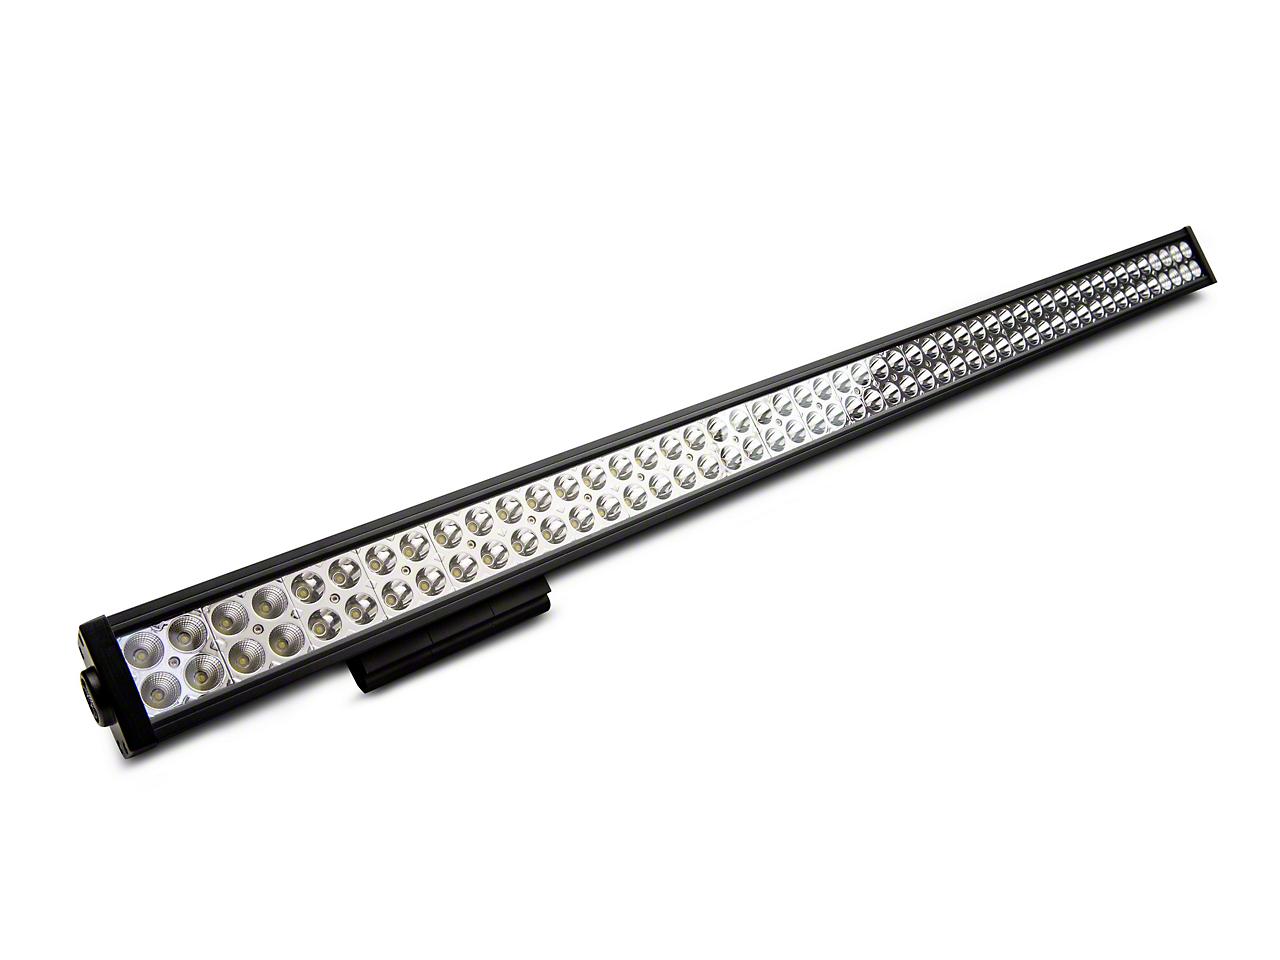 DV8 Off-Road 50 in. Chrome Series LED Light Bar - Flood/Spot Combo